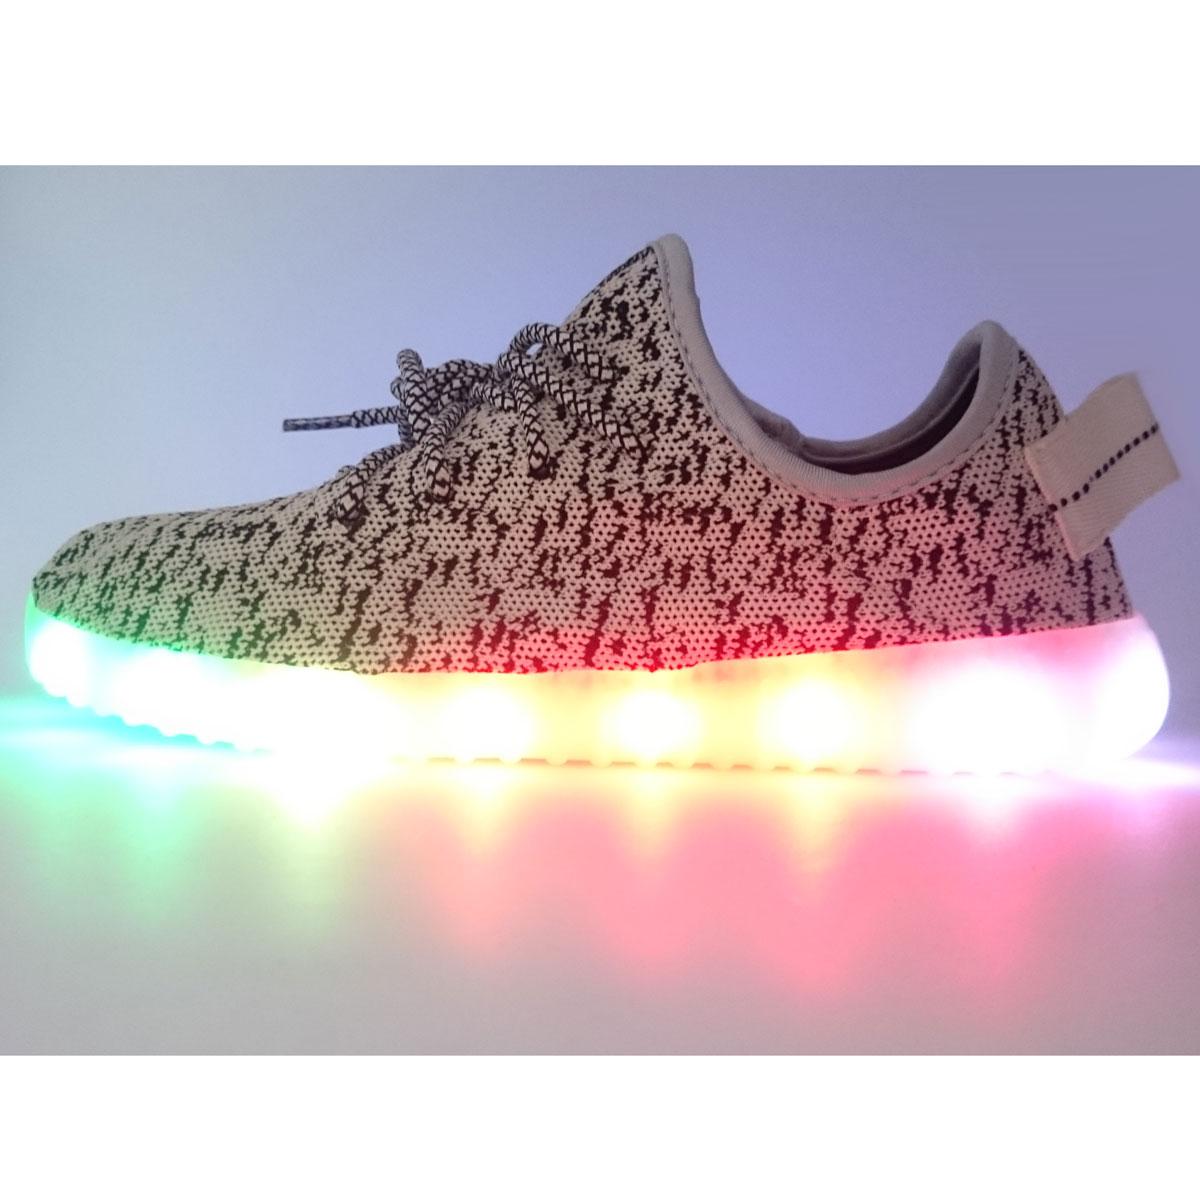 фото main Светящиеся кроссовки Yeezy белые + LED  Симфония main